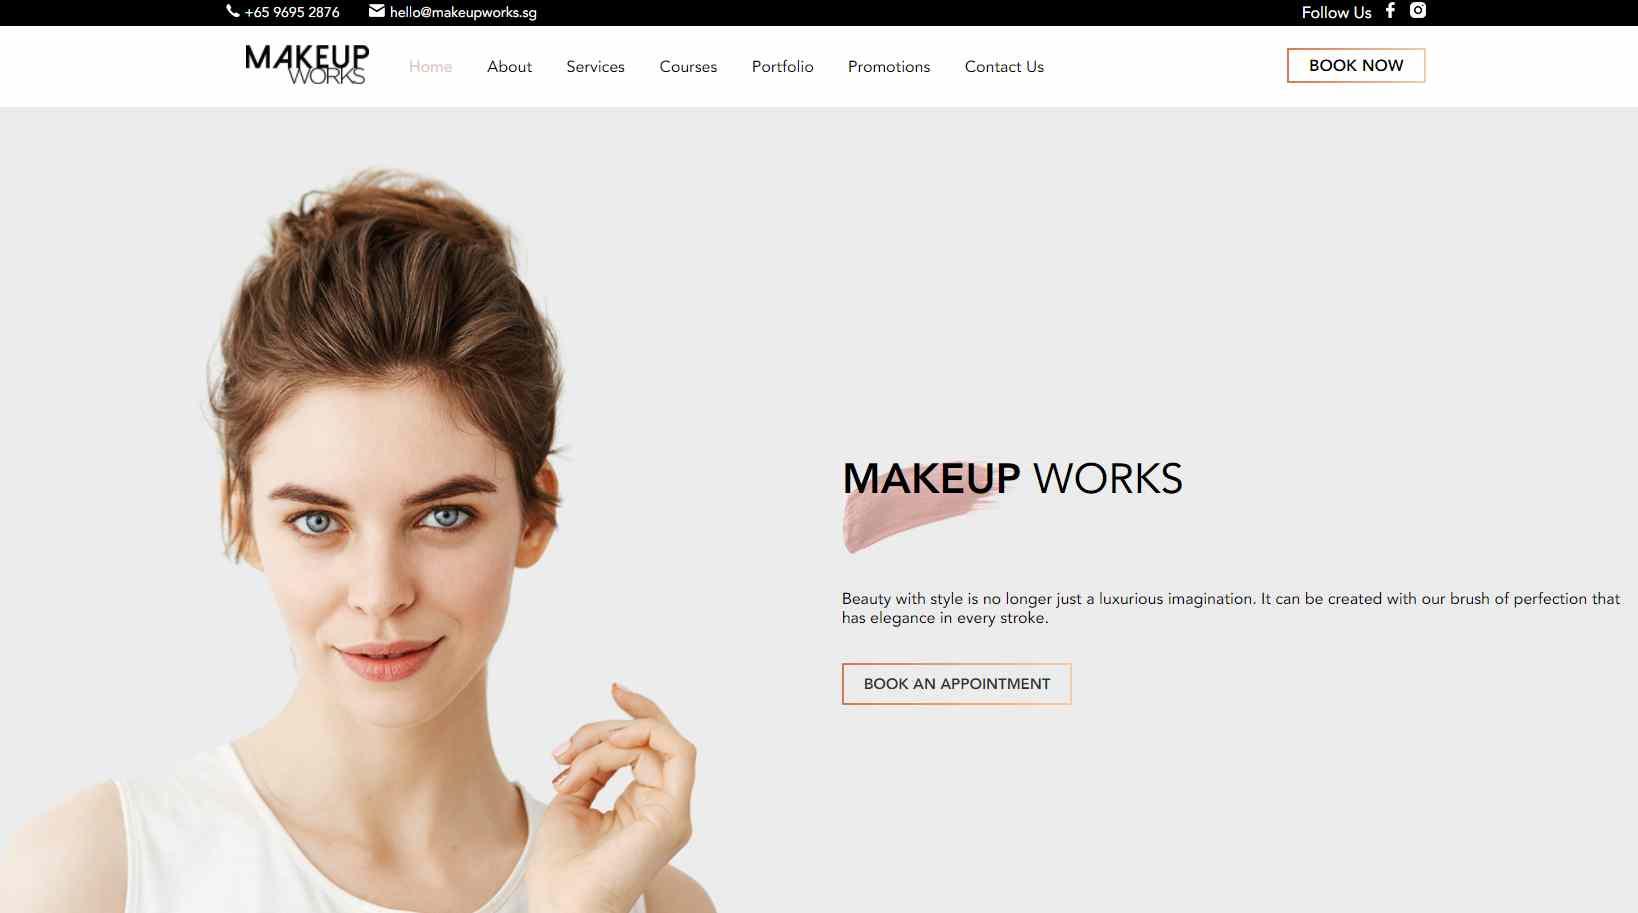 makeup works Top Makeup Artists in Singapore